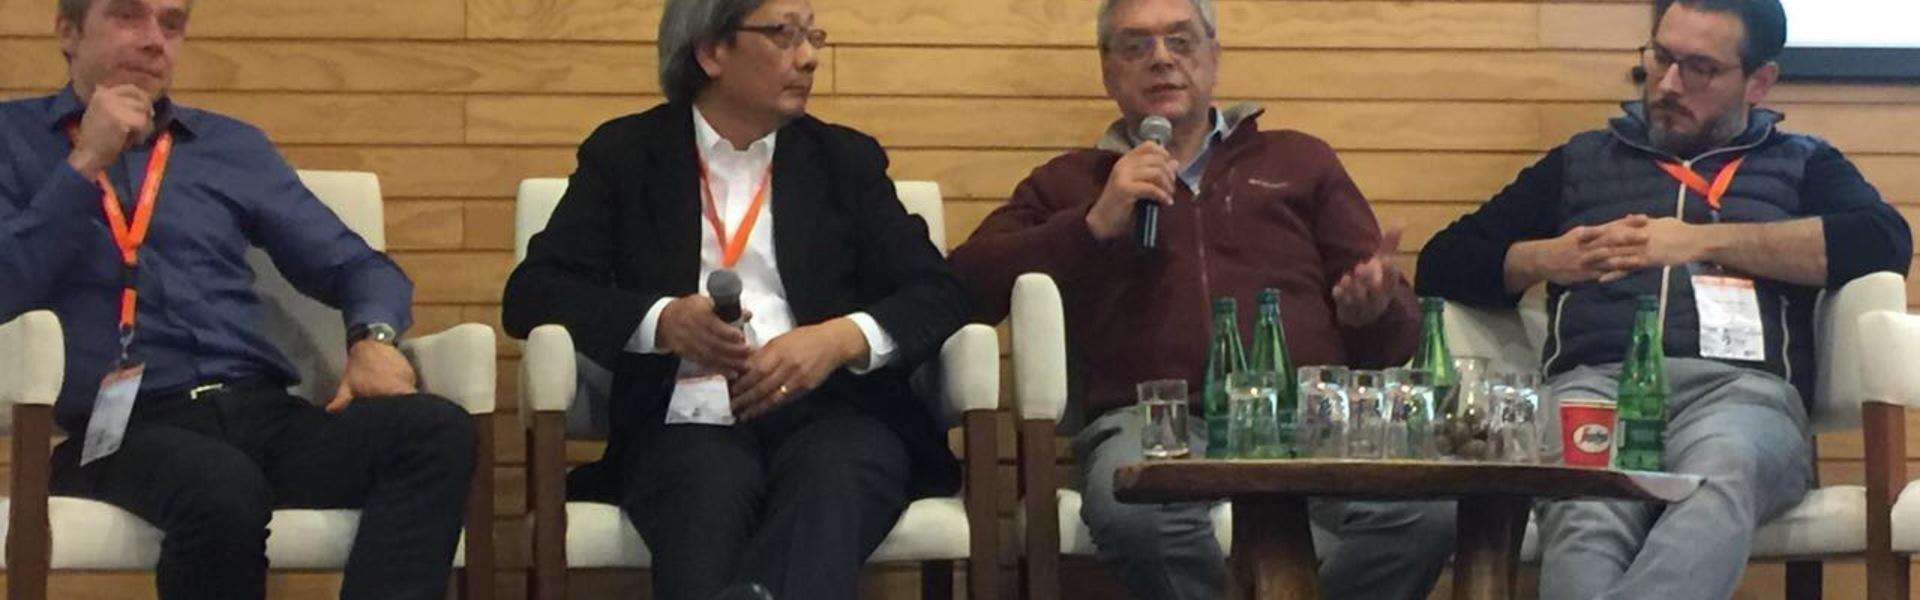 SK Godelius es uno de los principales expositores en el Simposio Internacional de Investigación Robótica (ISRR)